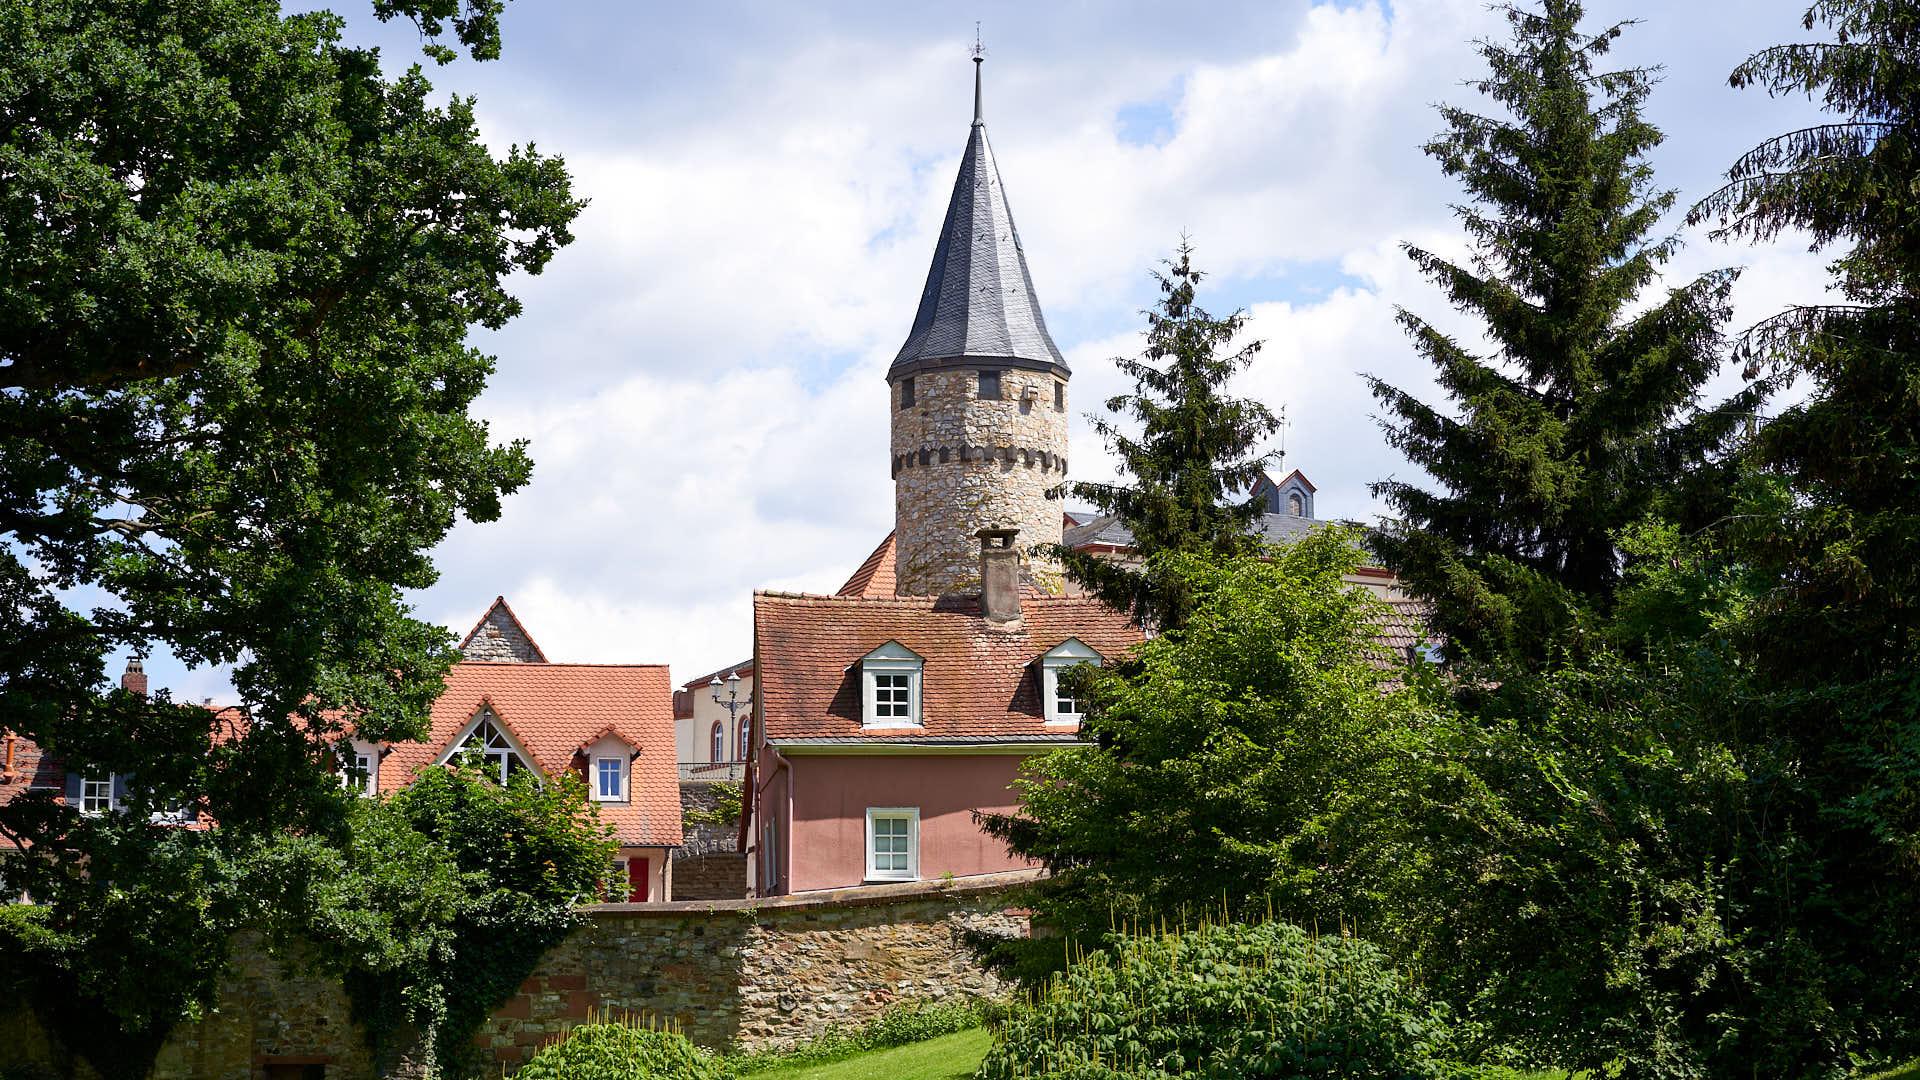 Hexenturm in Bad Homburg